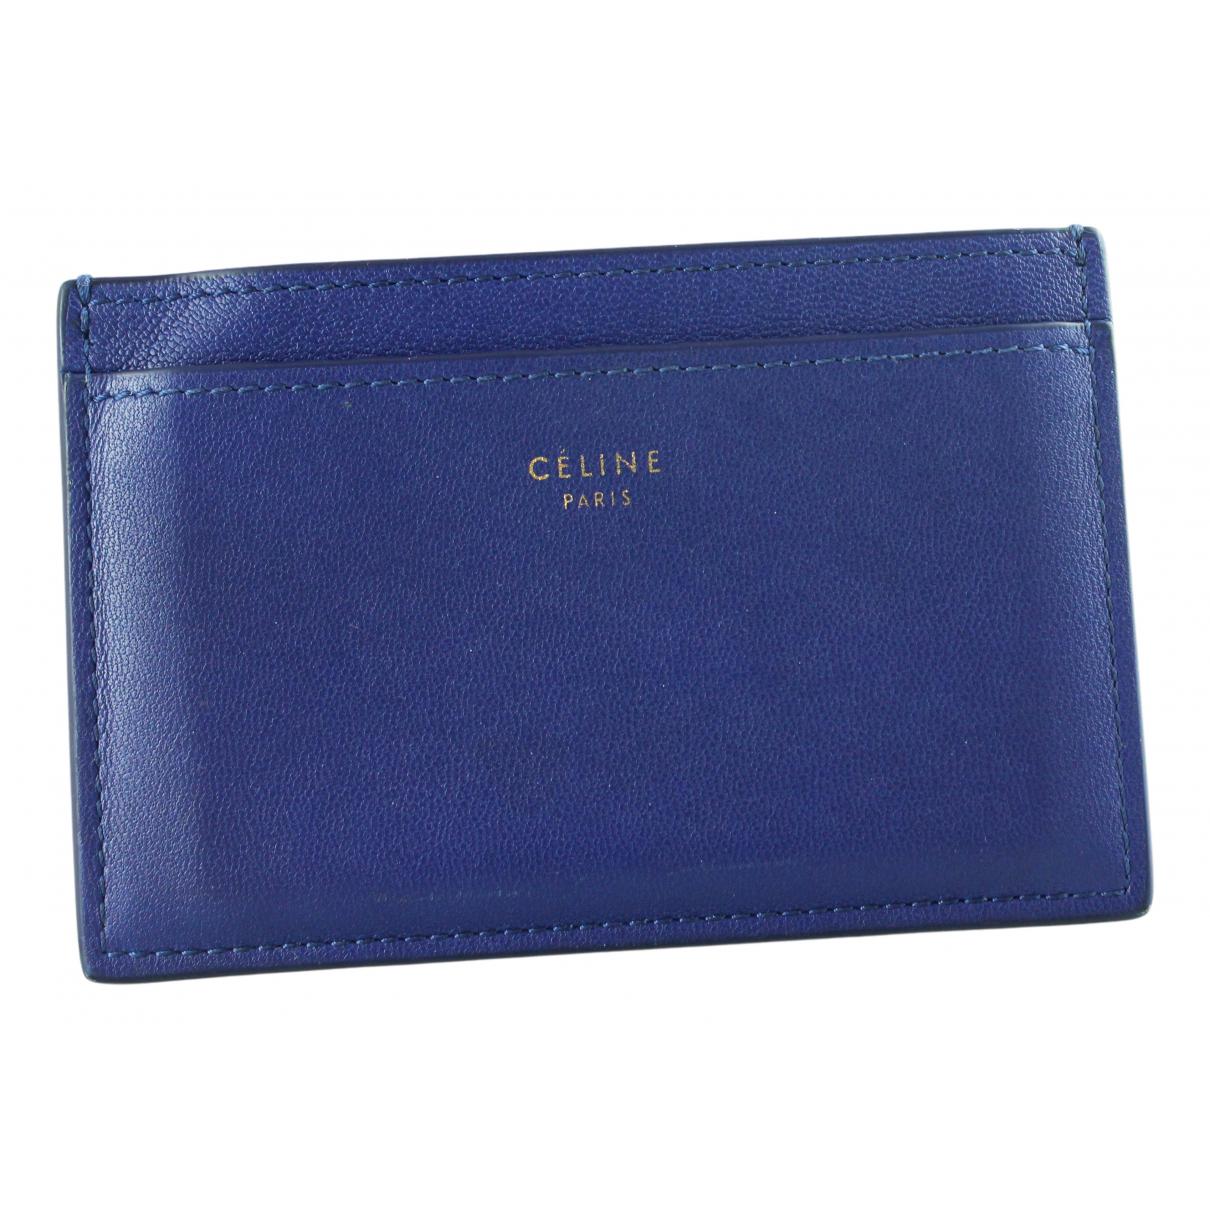 Celine - Petite maroquinerie   pour femme en cuir - bleu